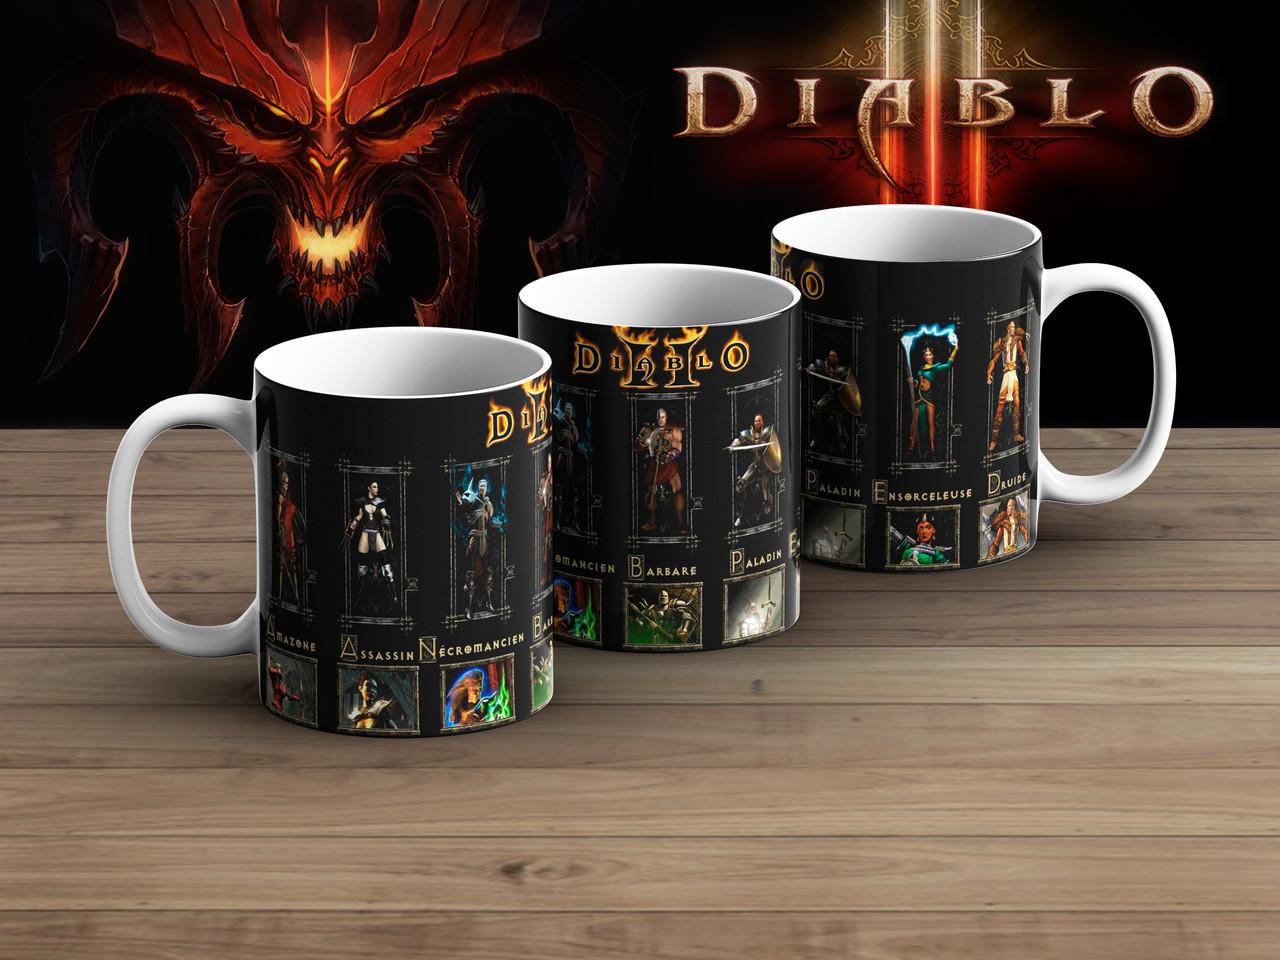 Чашка Диабло 2  Диабло 3 / Diablo III